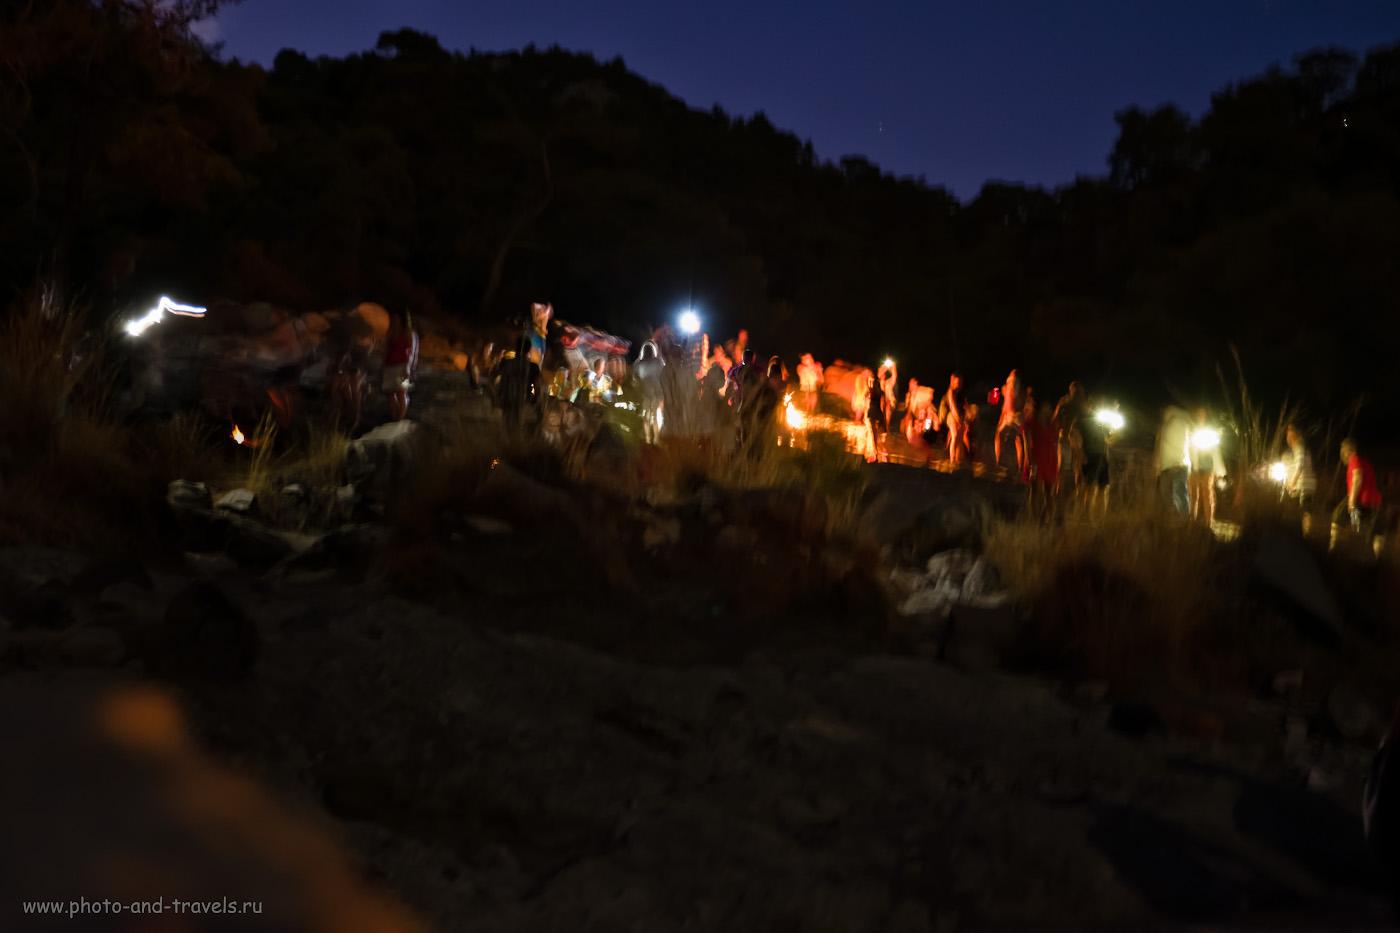 Фотография 3. Толпа туристов на горе Химера (Mount Chimaera, Yanartaş). Стоило ли ради этого подниматься? Отзывы об экскурсии самостоятельно. 1.8 сек., f/2.8, 3200, +1.33, 27.